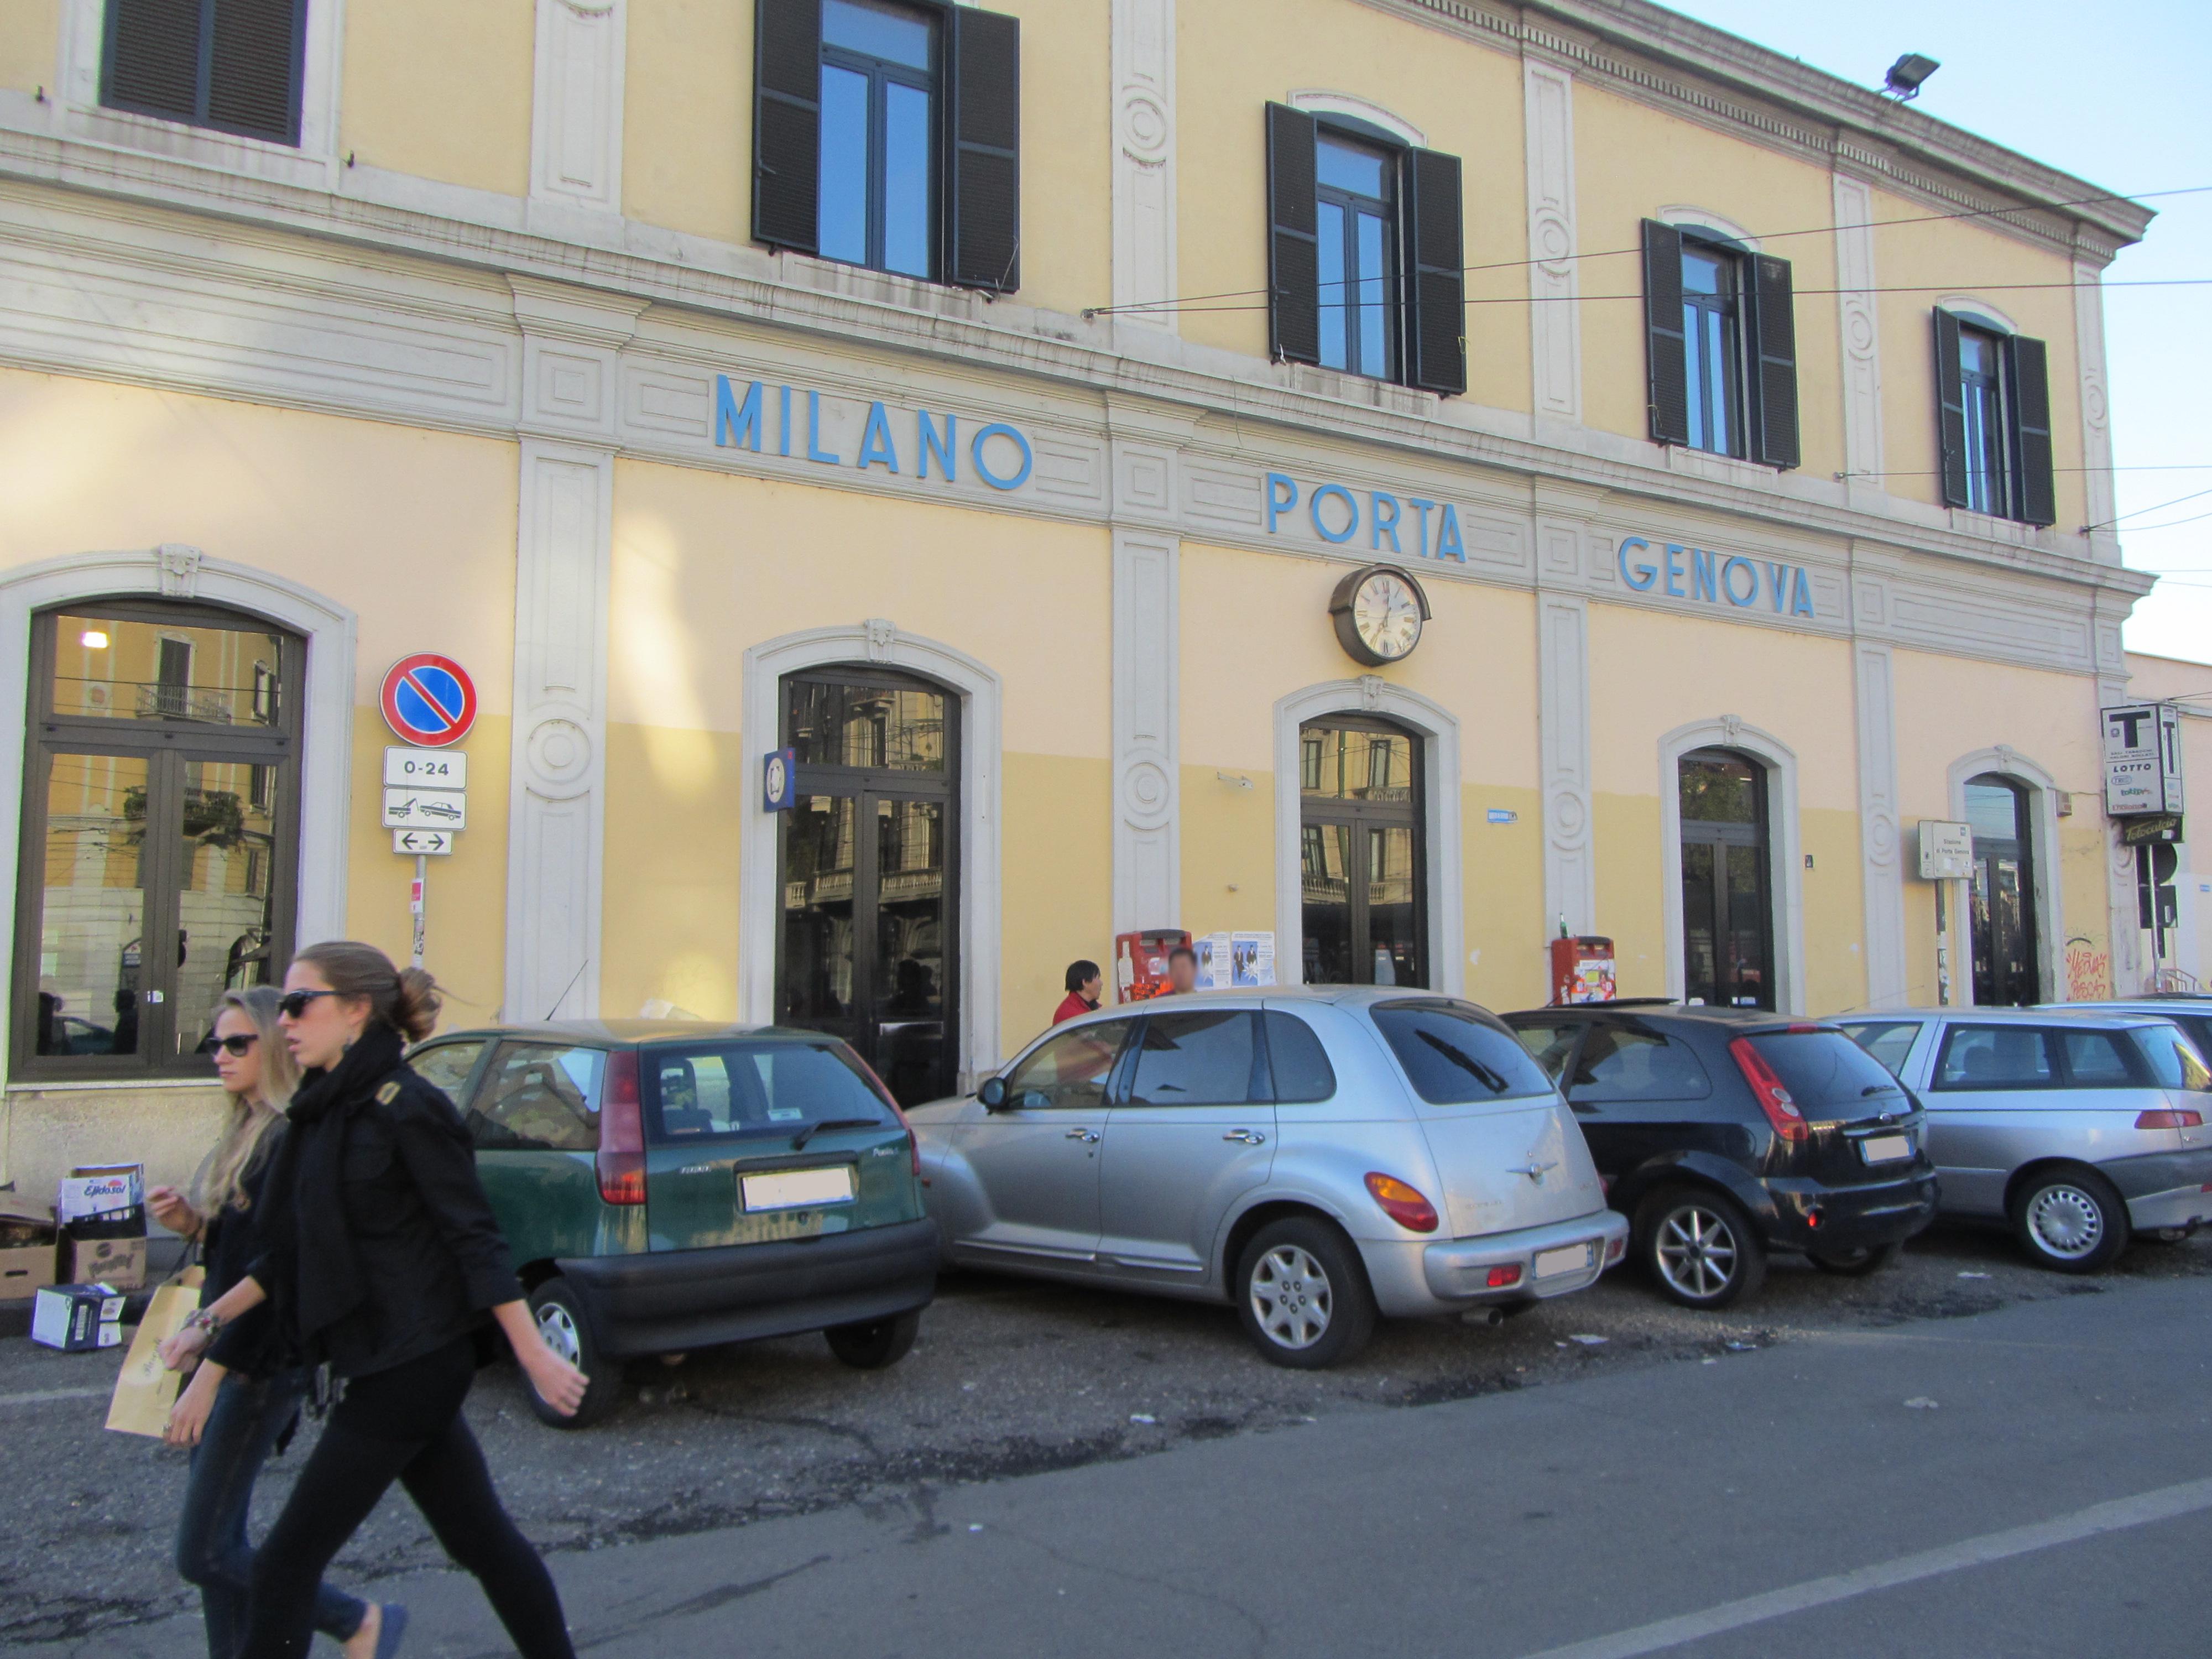 File 12 italy stazione porta genova a milano jpg - Carabinieri porta genova milano ...